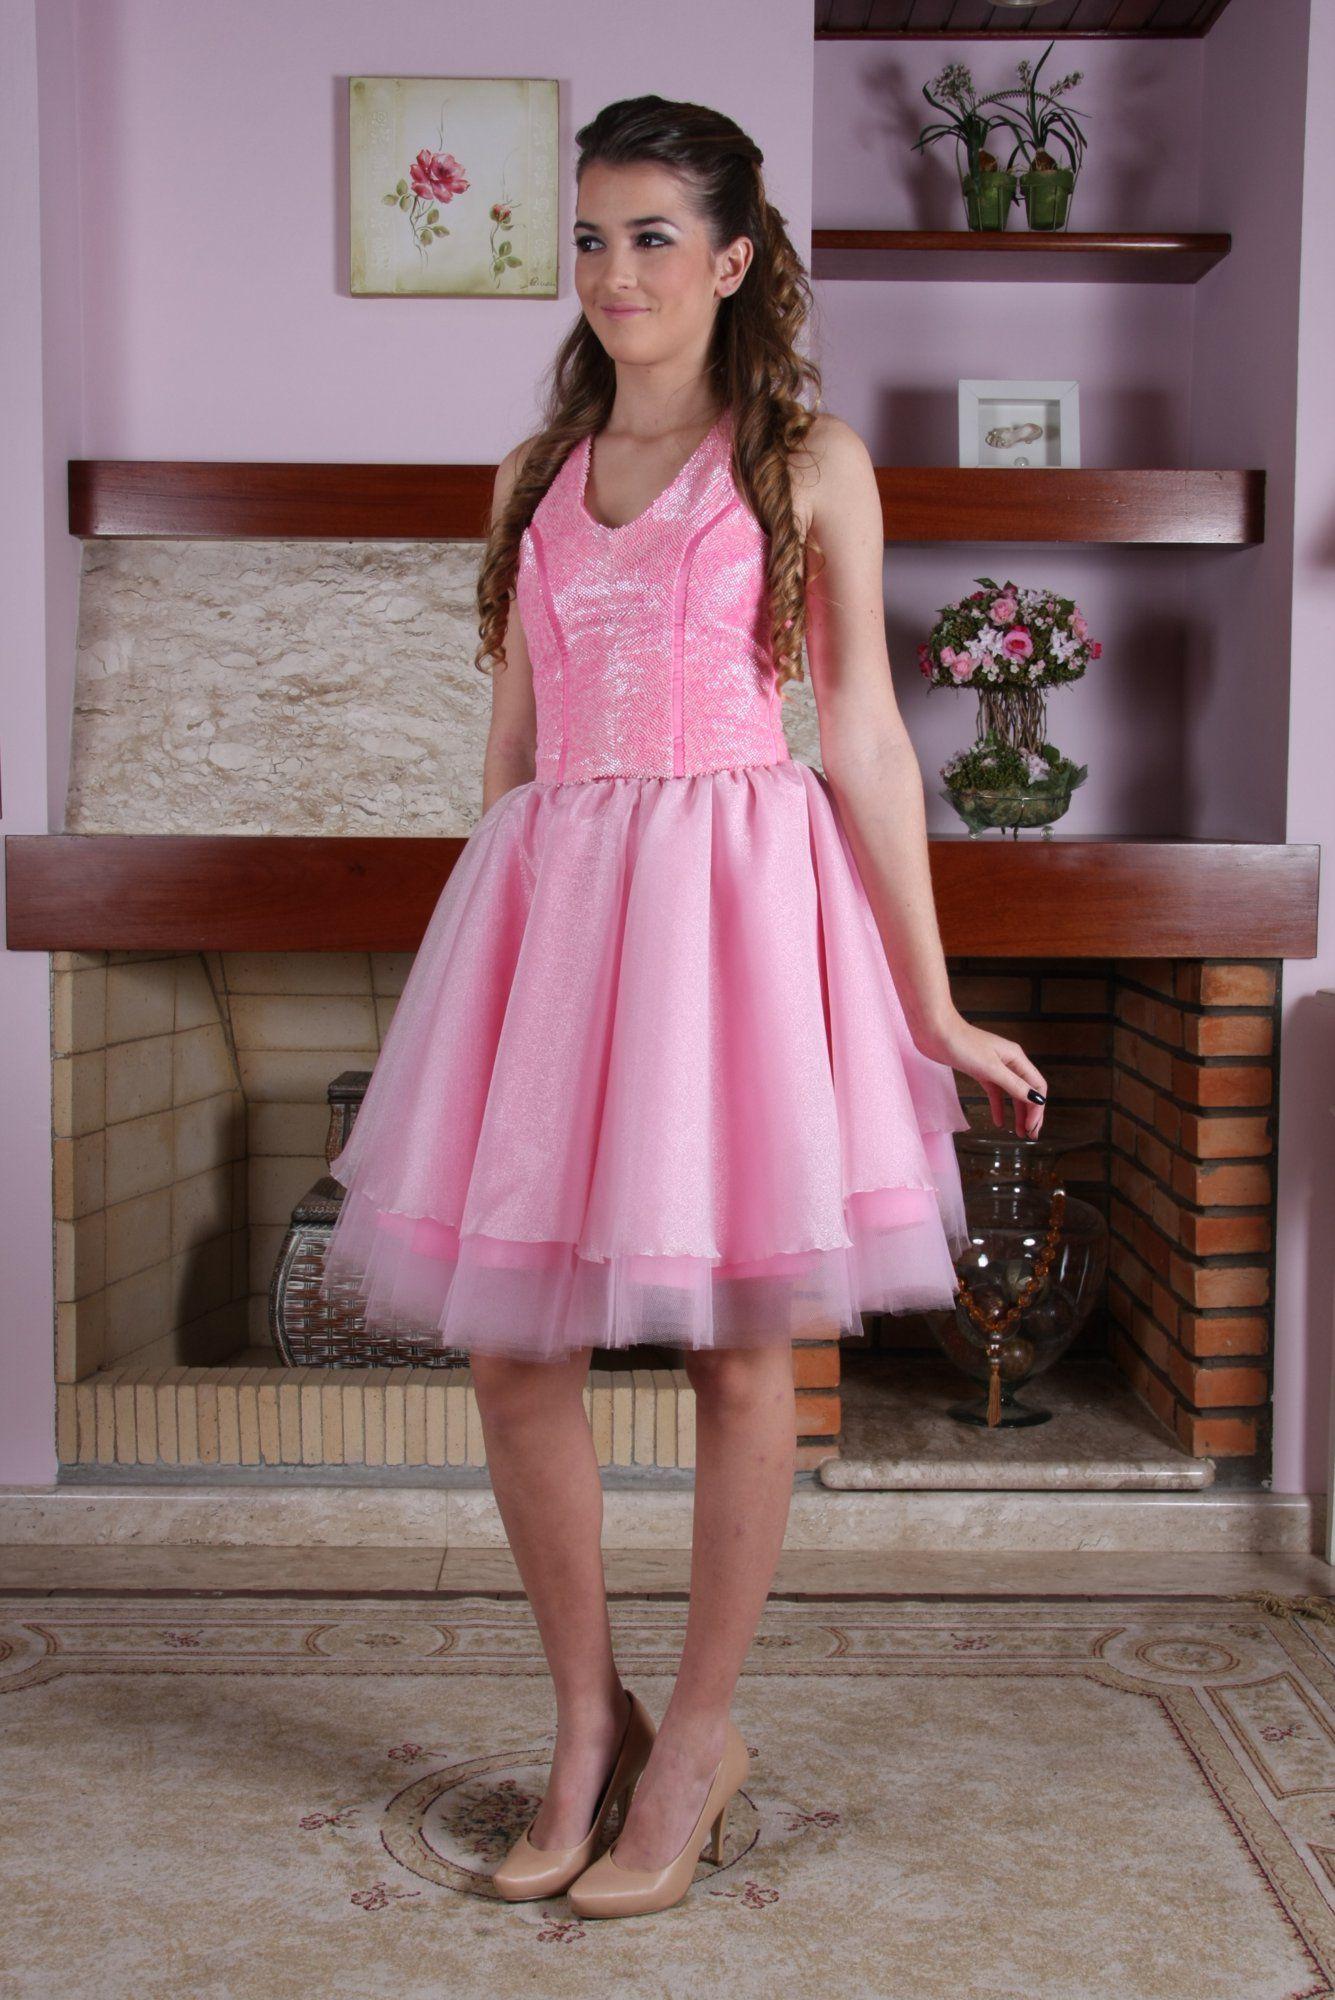 Vestido de Debutante Rosa - 12 - Hipnose Alta Costura e Spa para Noivas e Noivos - Campinas - SP Vestido de Debutante, Vestido de Debutante Rosa, Hipnose Alta Costura